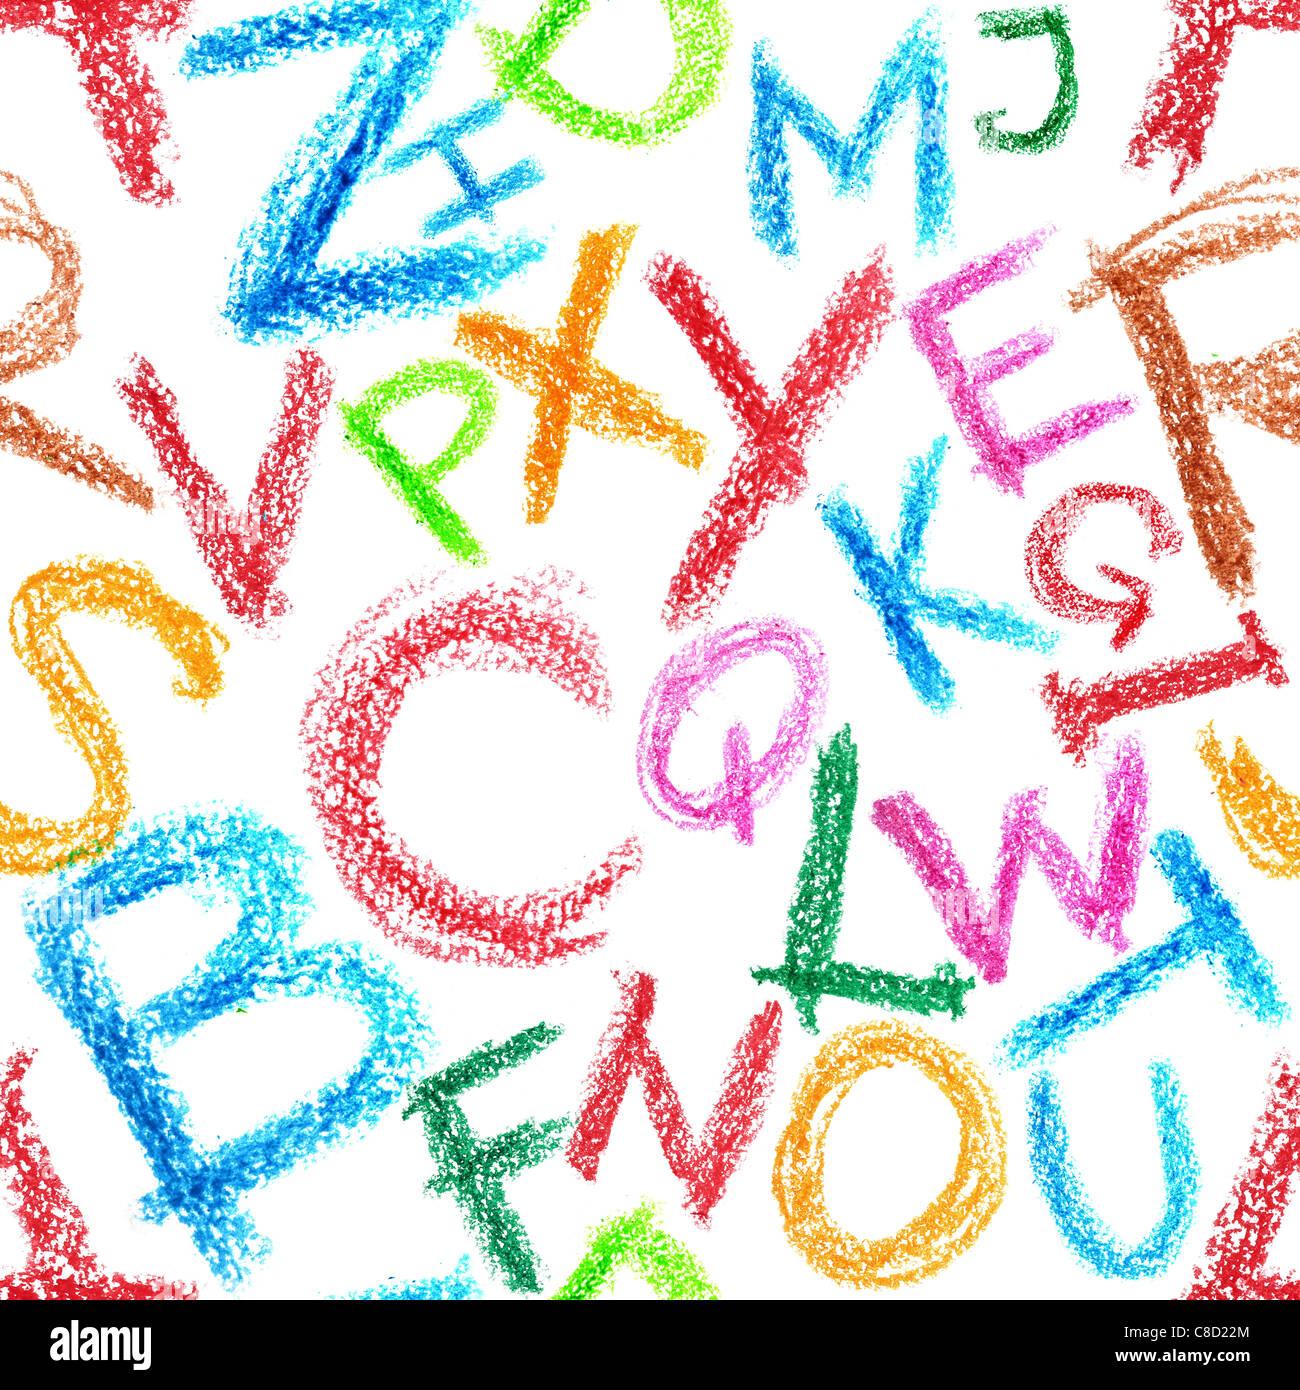 Modello senza giunture - alfabeto pastelli su sfondo bianco Immagini Stock